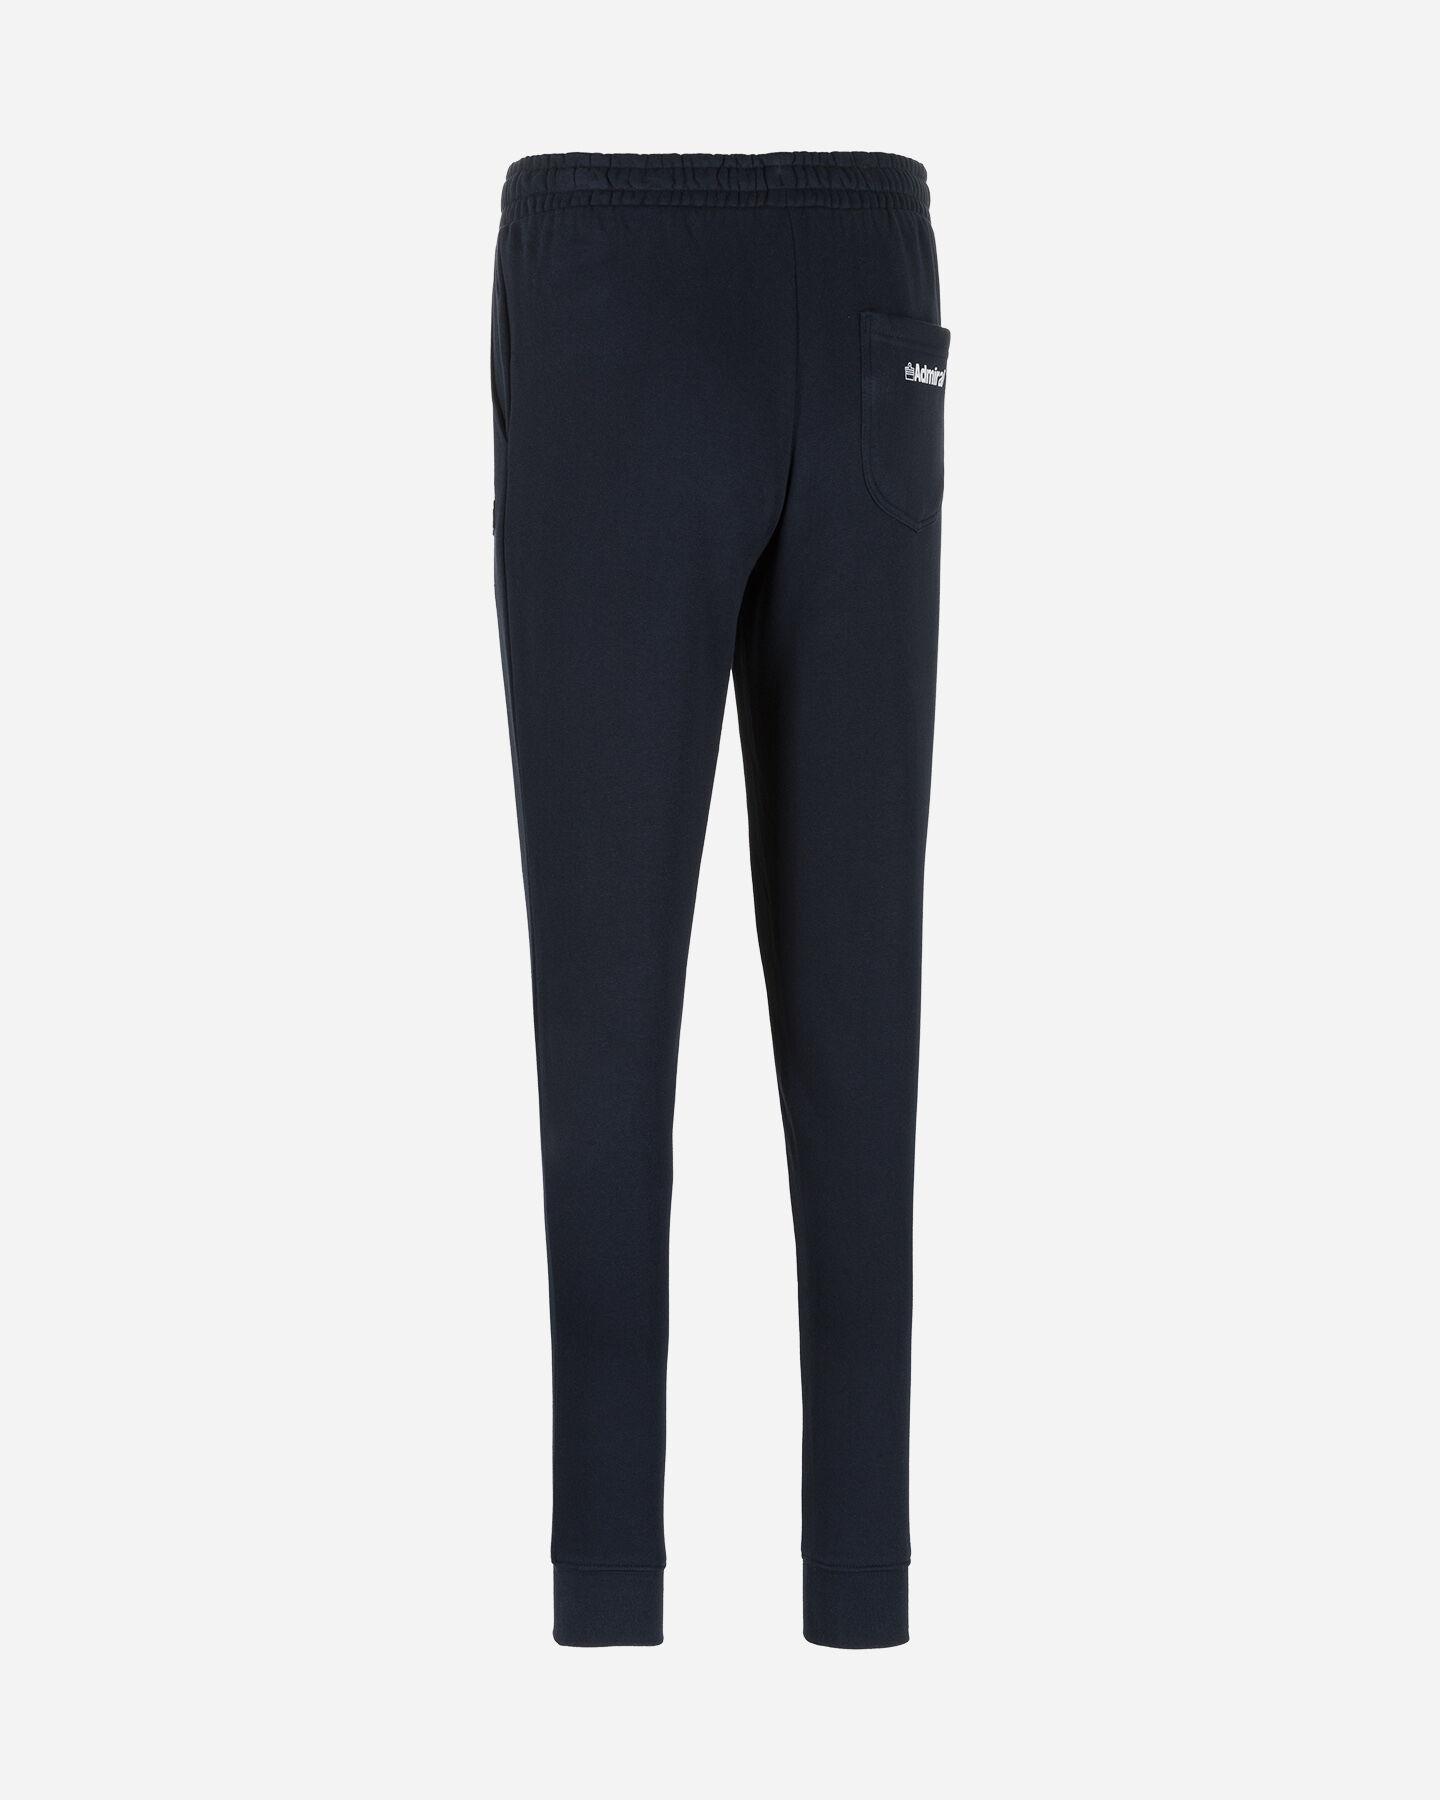 Pantalone ADMIRAL COLLEGE M S4067280 scatto 1